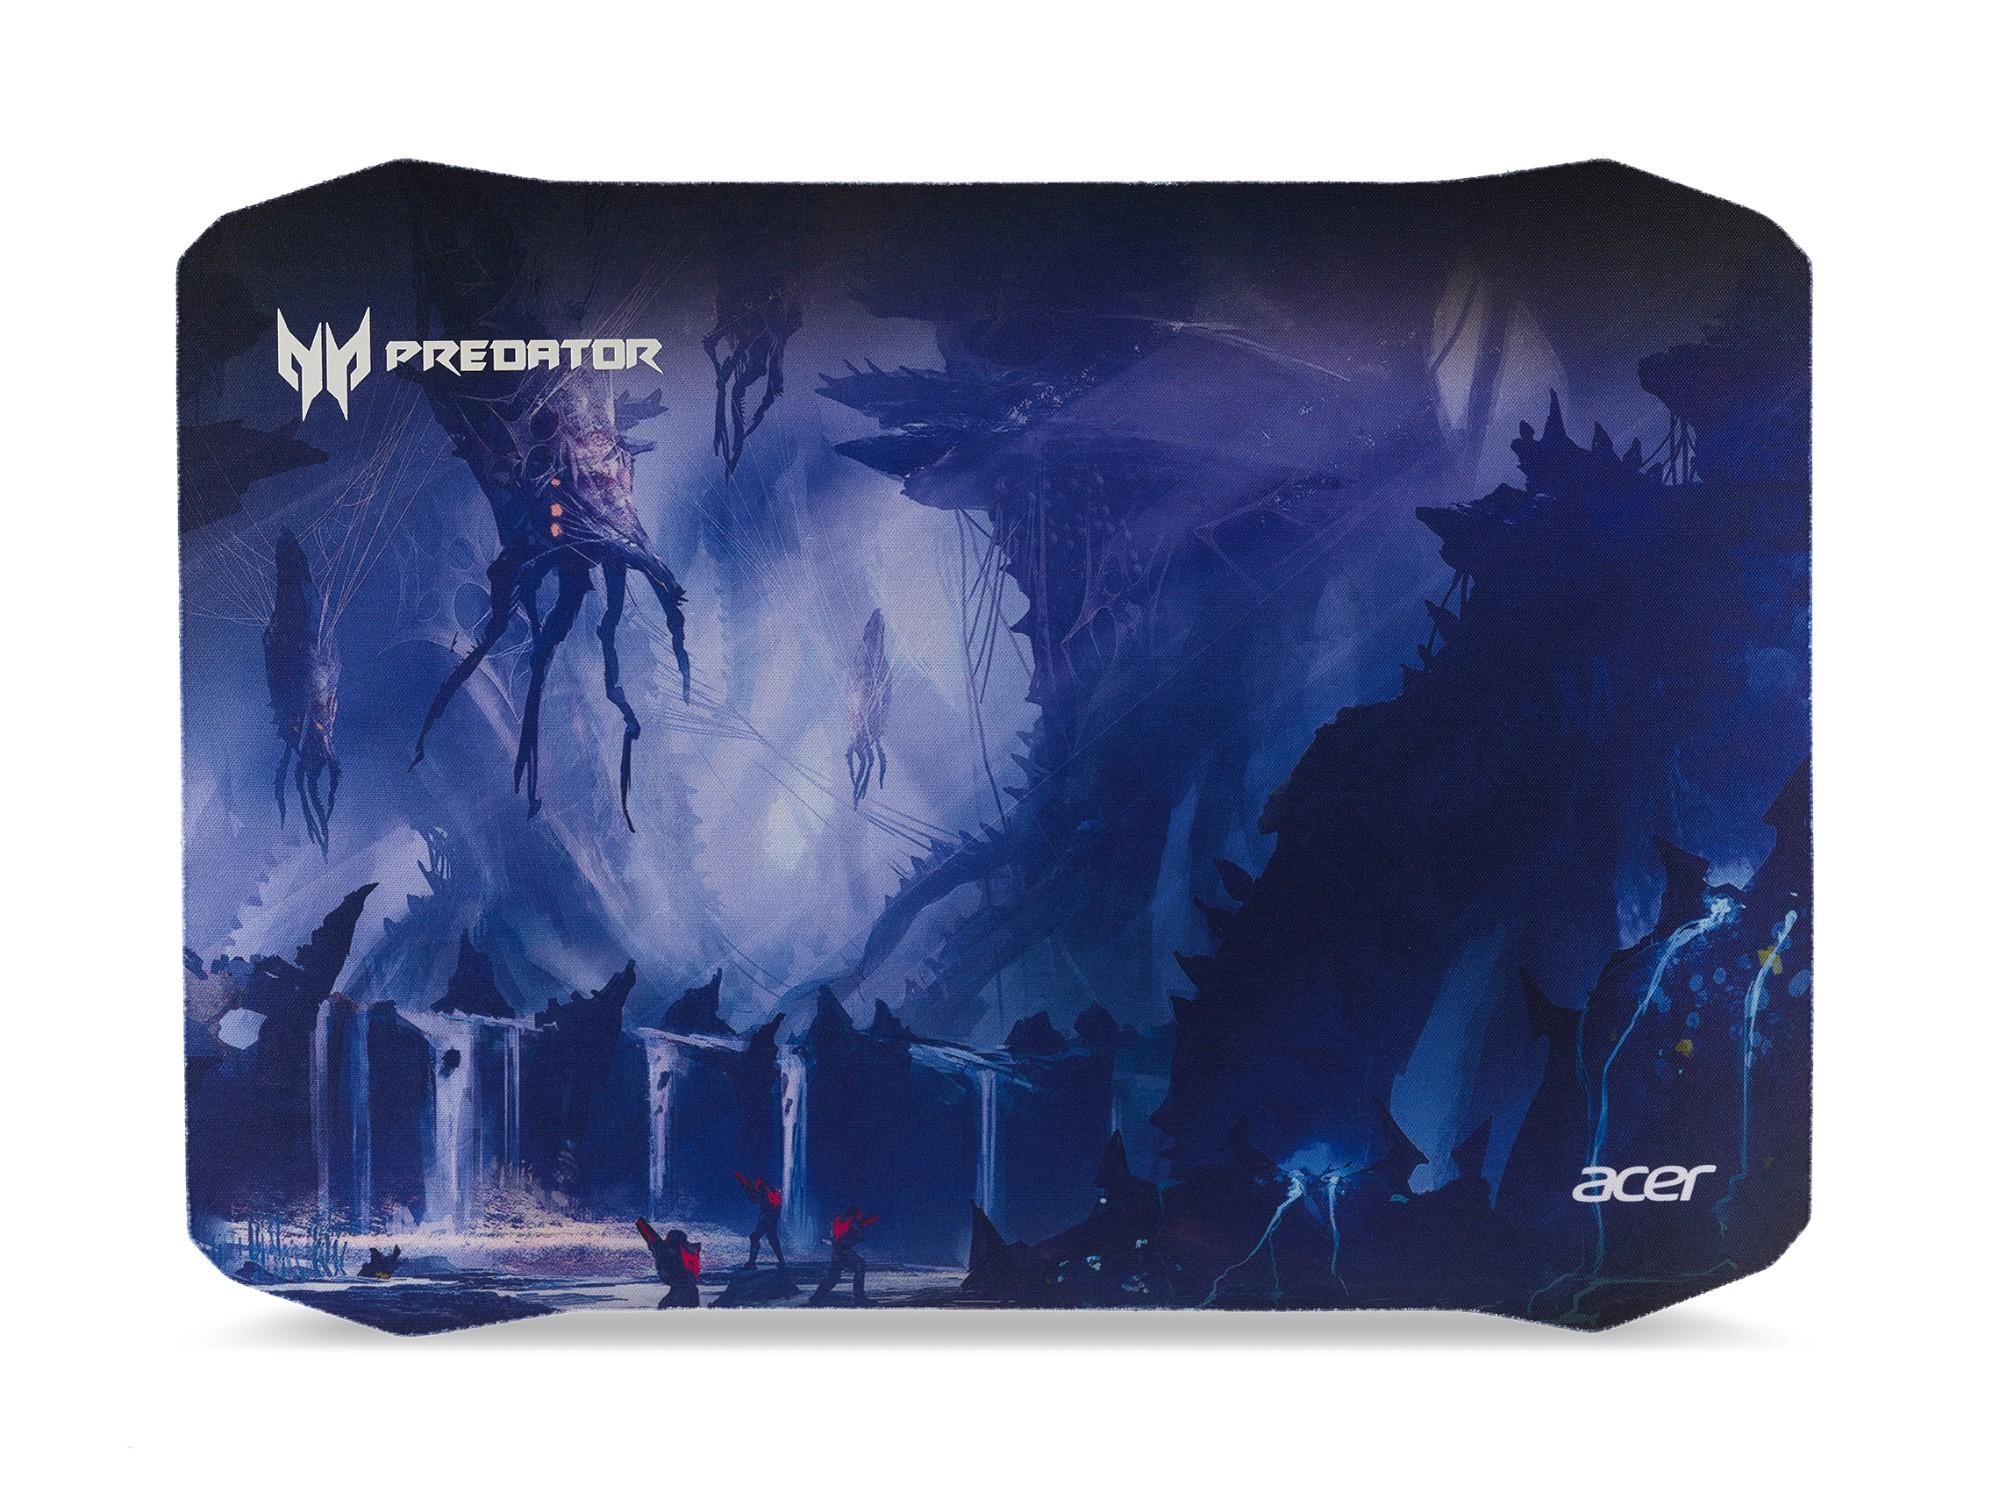 Predator Gaming Mouse Pad Pmp711